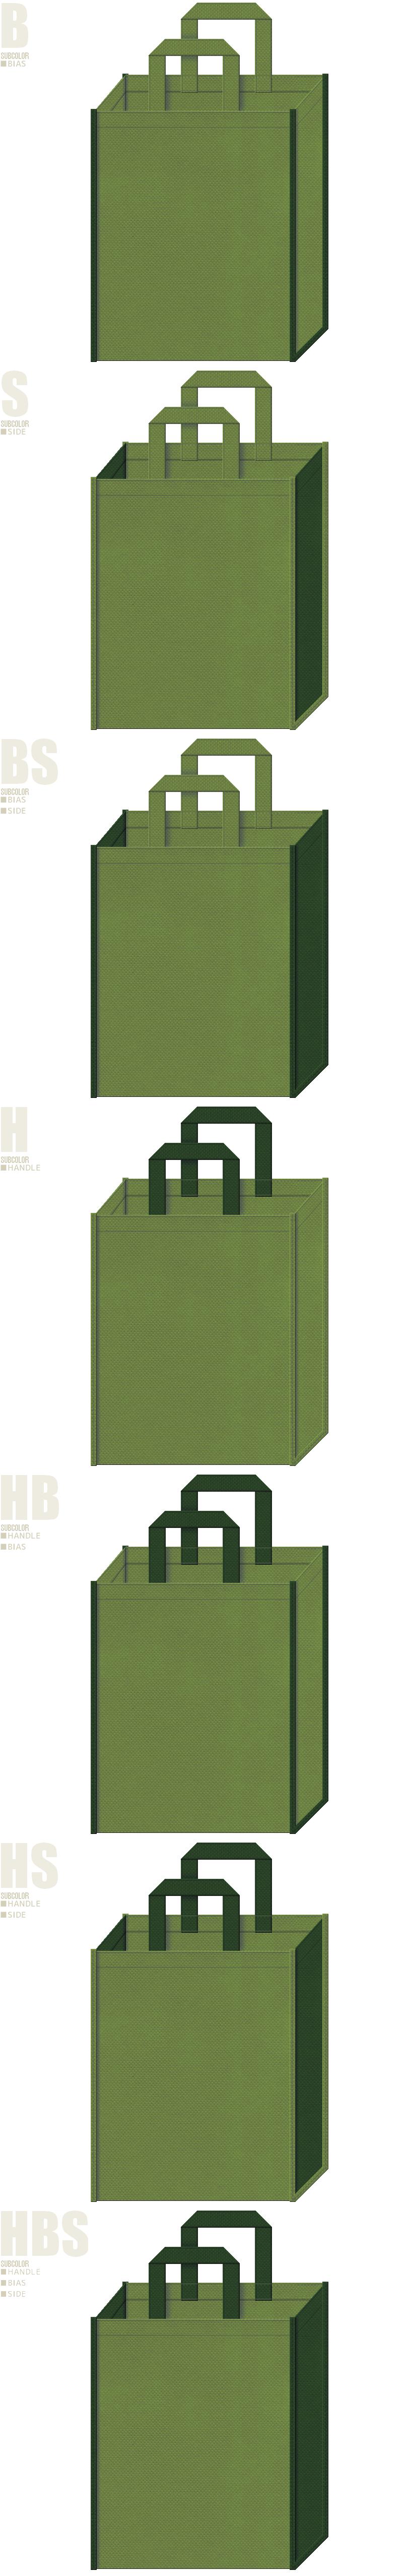 日本茶・昆布・庭木・盆栽イベント・造園用品の展示会用バッグにお奨めの不織布バッグデザイン:草色と濃緑色の不織布バッグ配色7パターン。